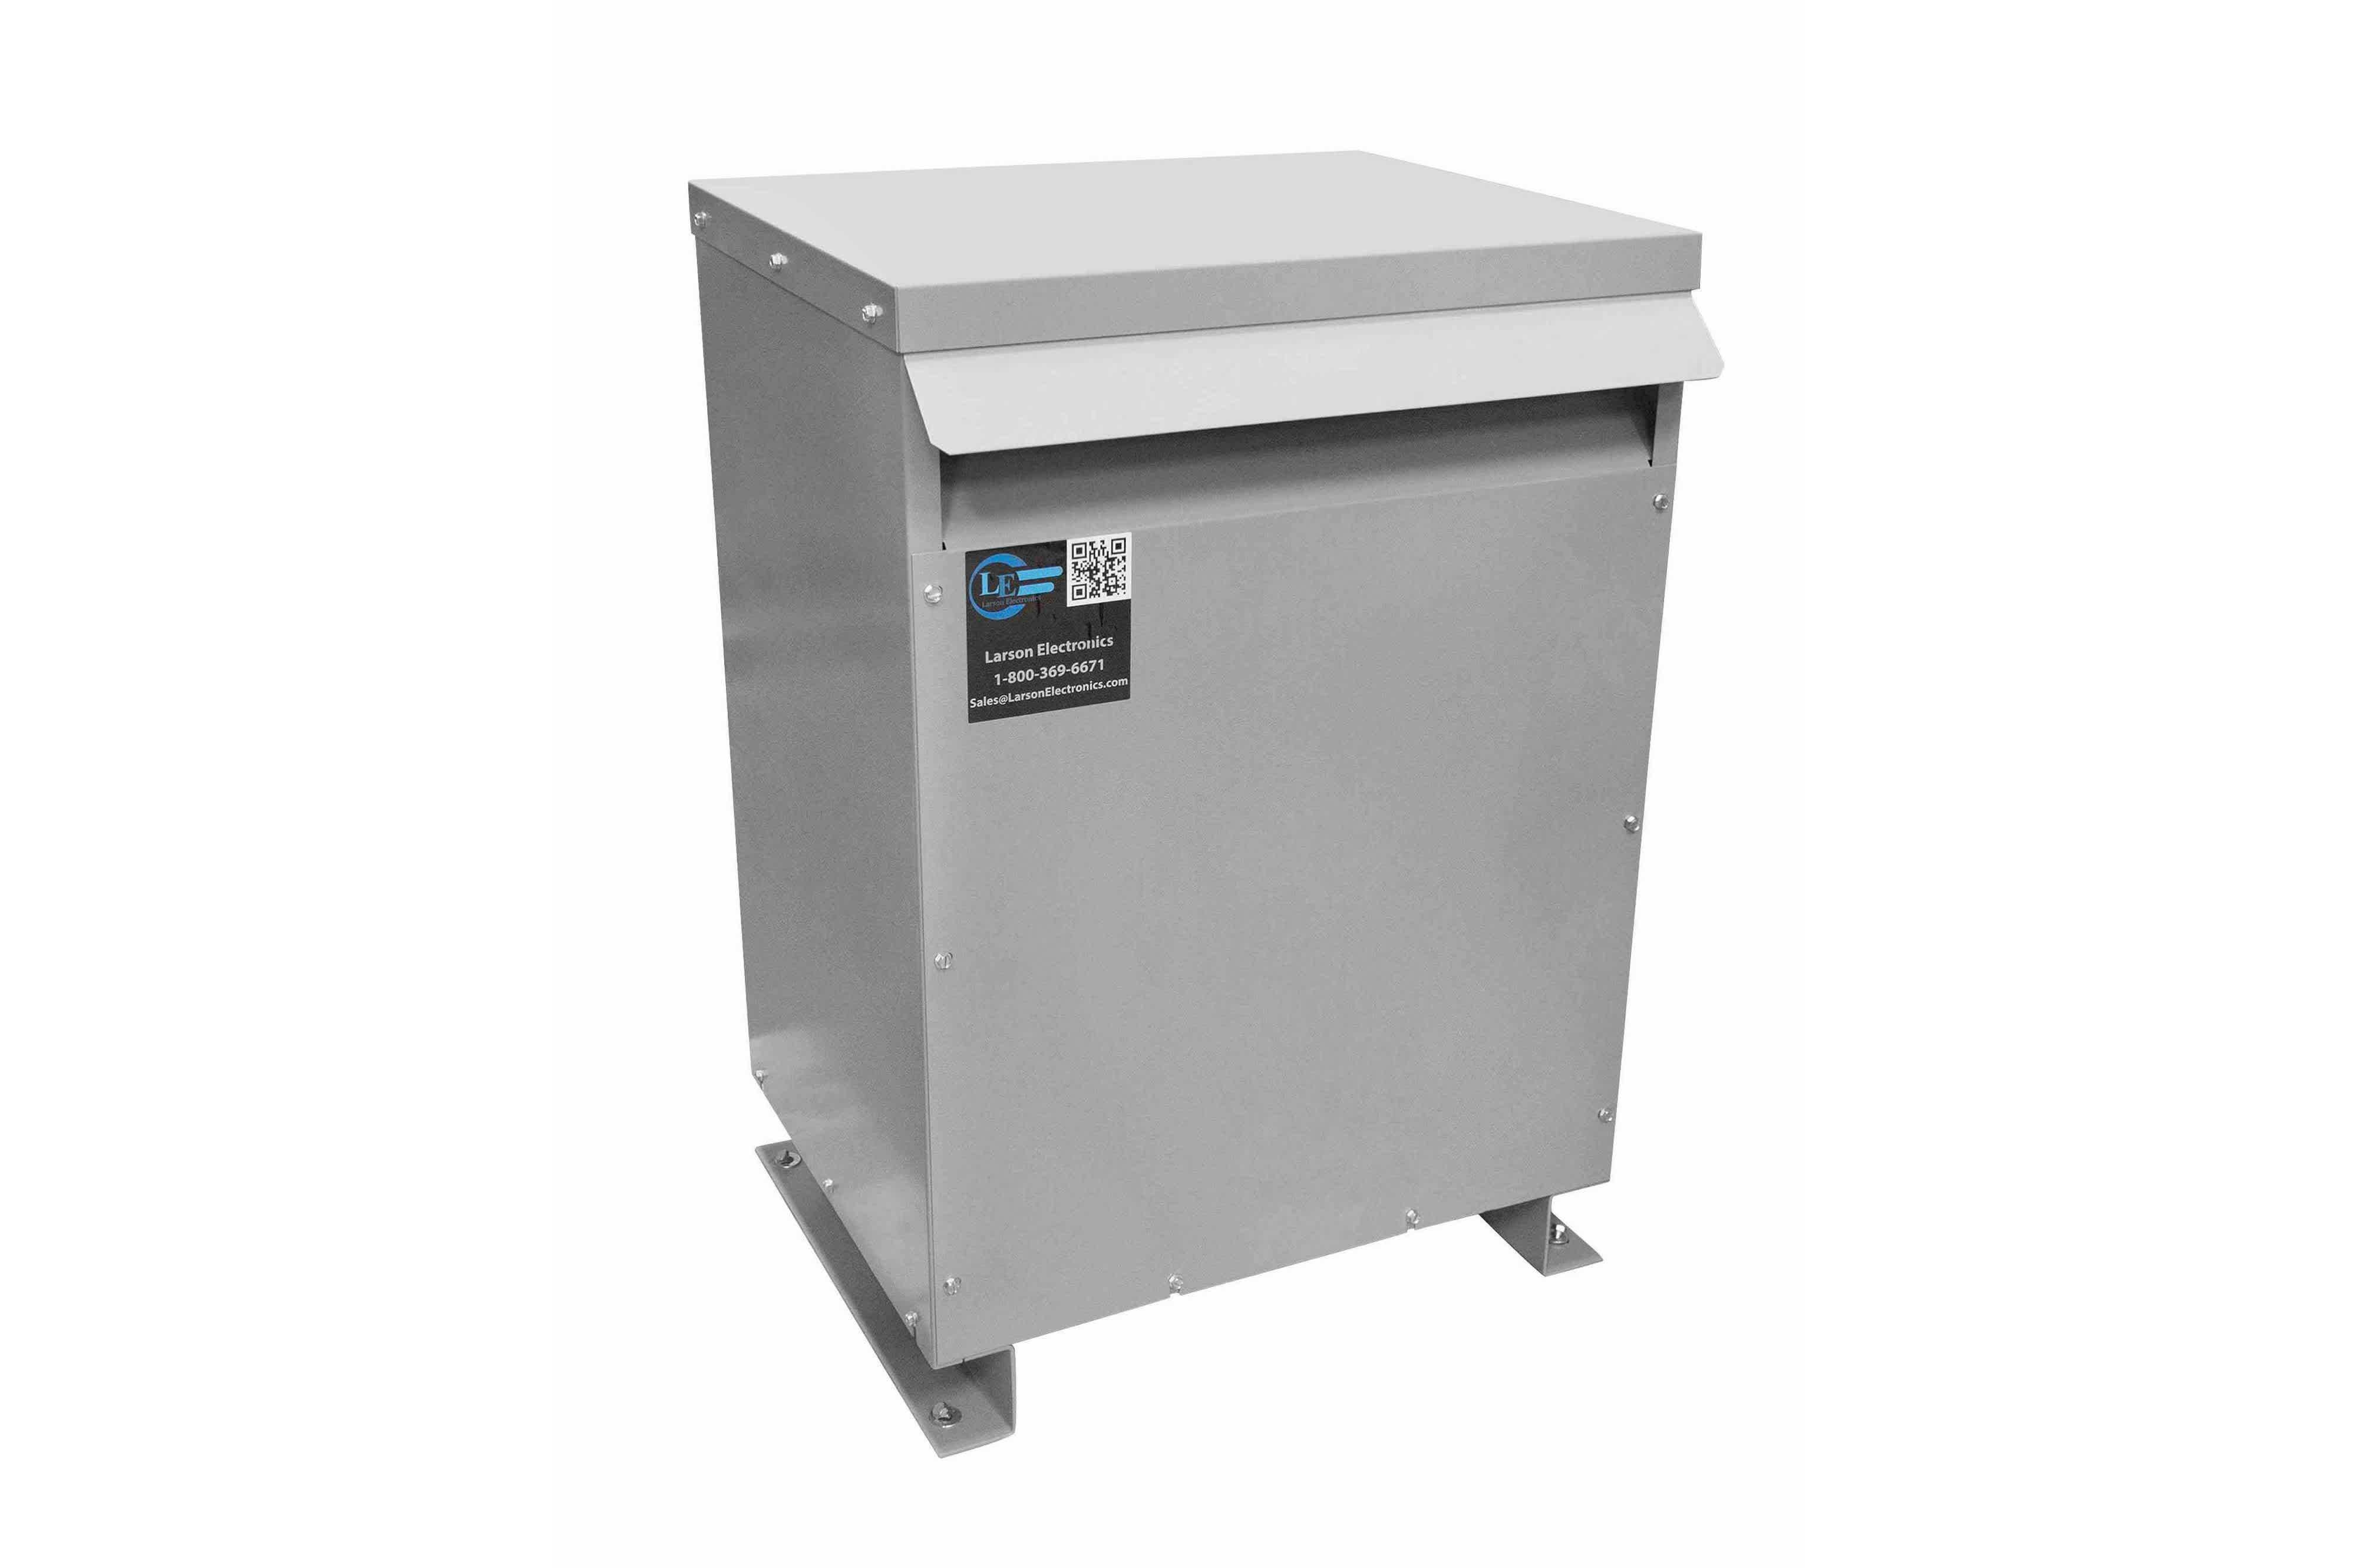 52.5 kVA 3PH Isolation Transformer, 400V Delta Primary, 208V Delta Secondary, N3R, Ventilated, 60 Hz